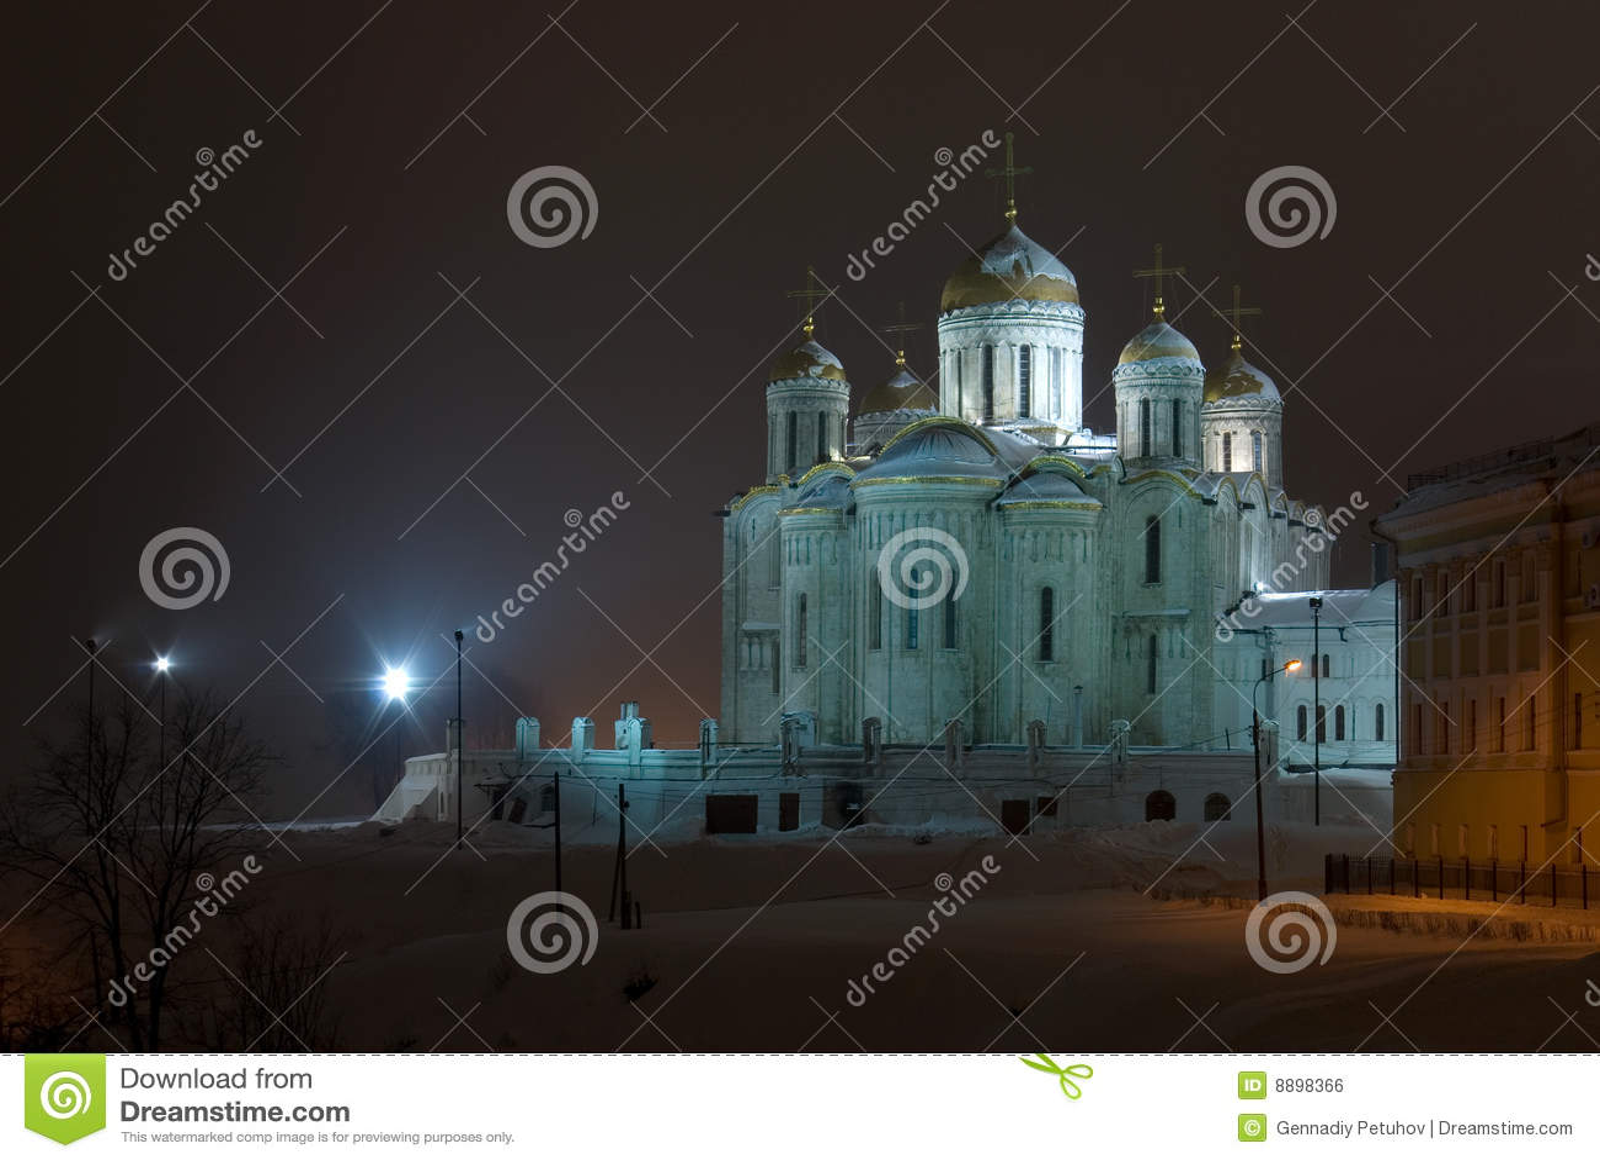 La catedral de Dormition. Vladimir. Rusia